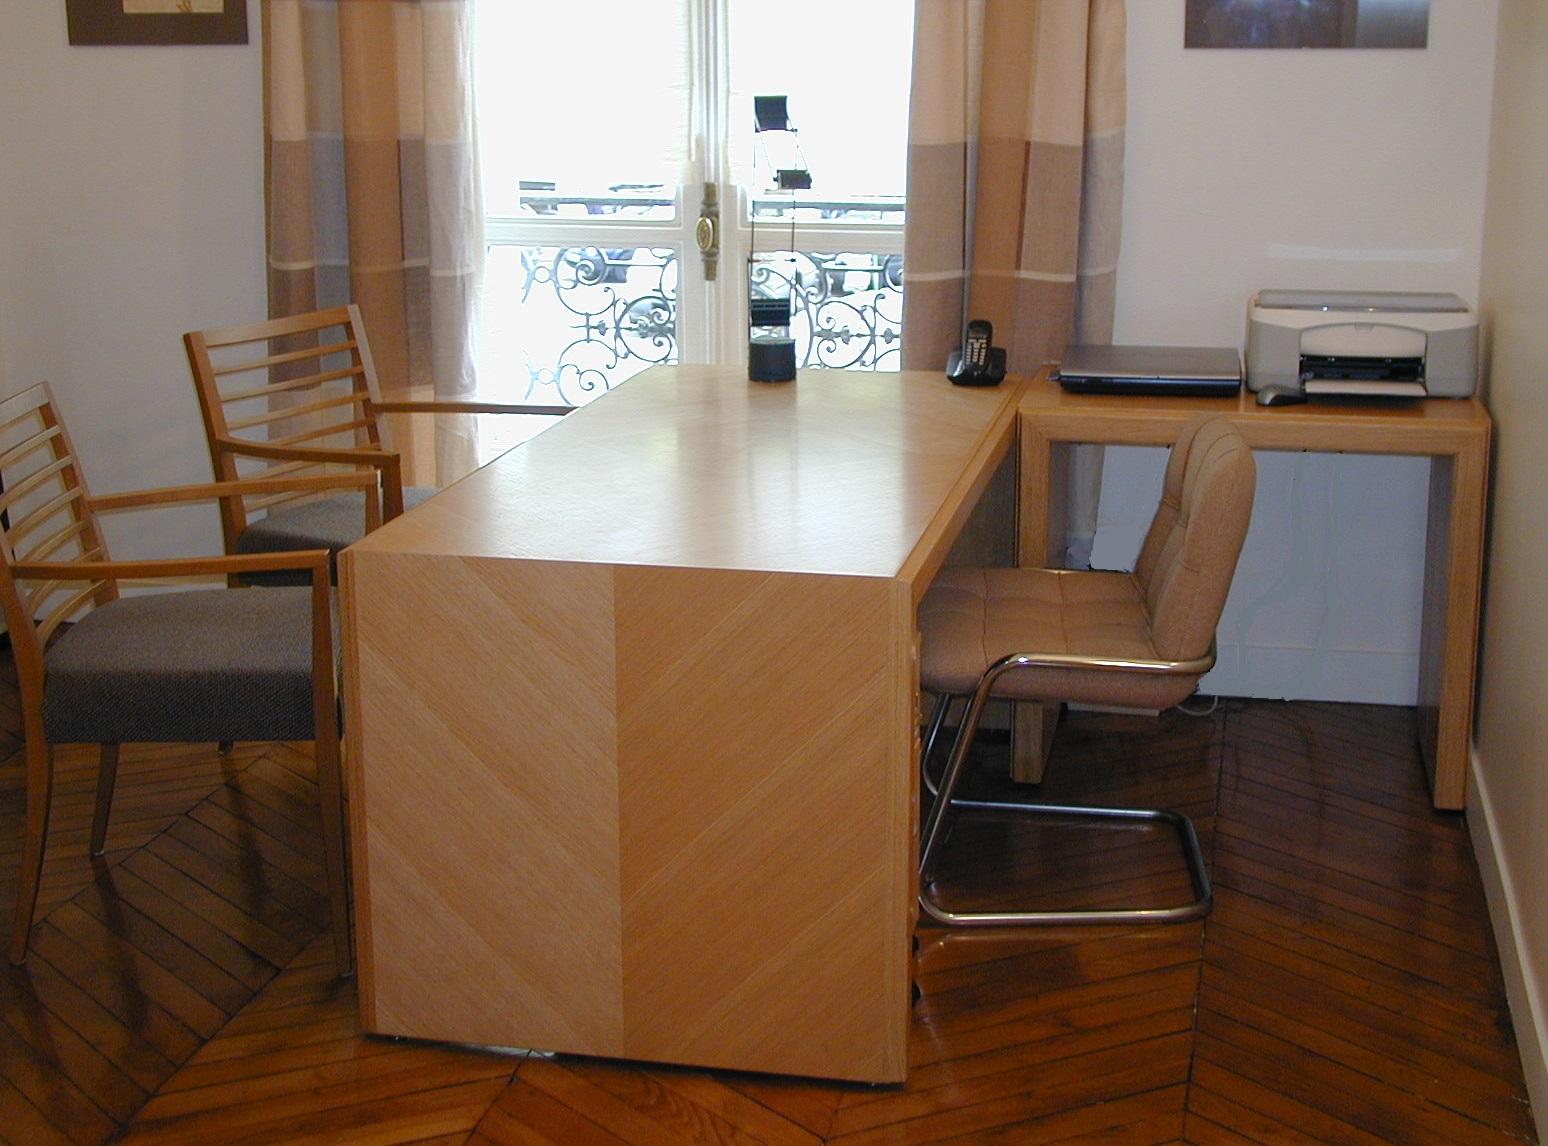 Am 233 Nagement D Un Cabinet M 233 Dical 224 Paris 16 232 Me Atelier